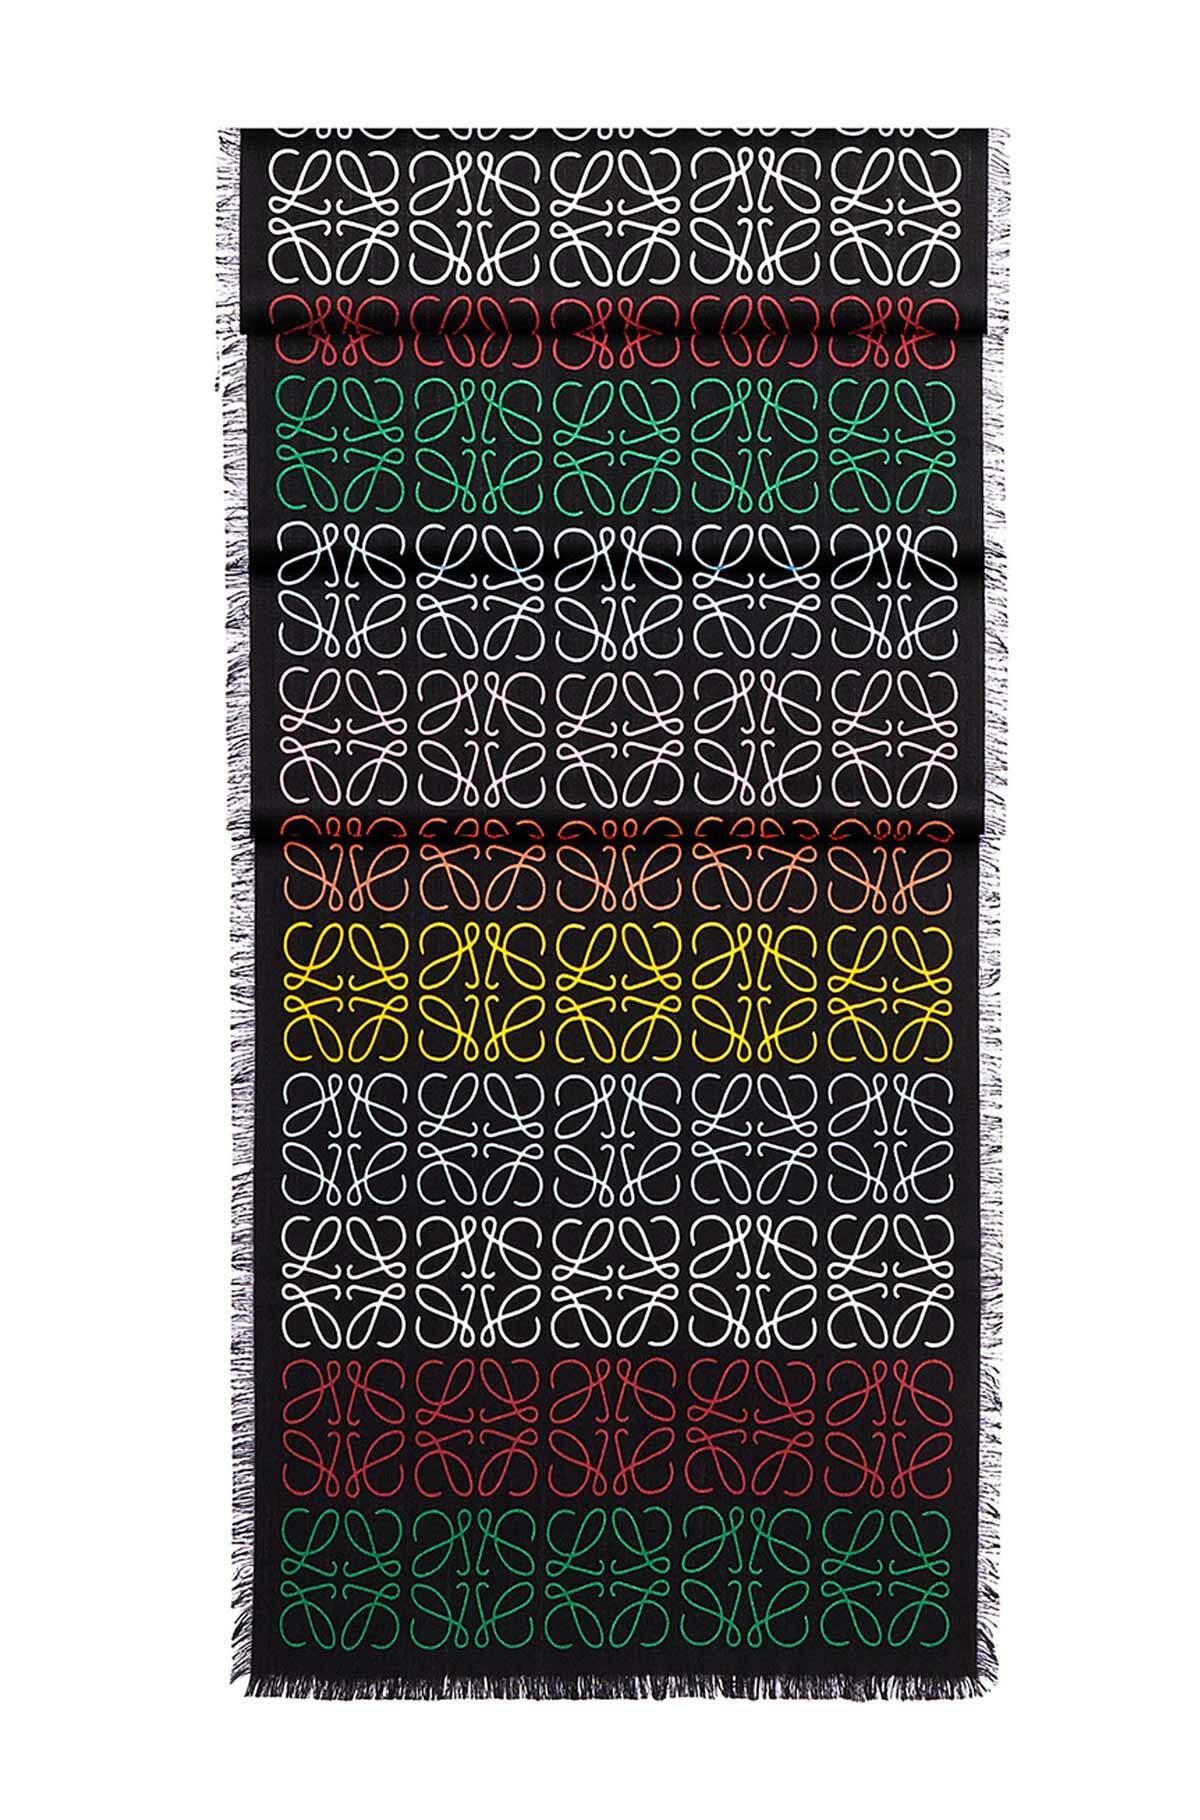 LOEWE 45X200 スカーフアナグラムINライン マルチカラー/ブラック front